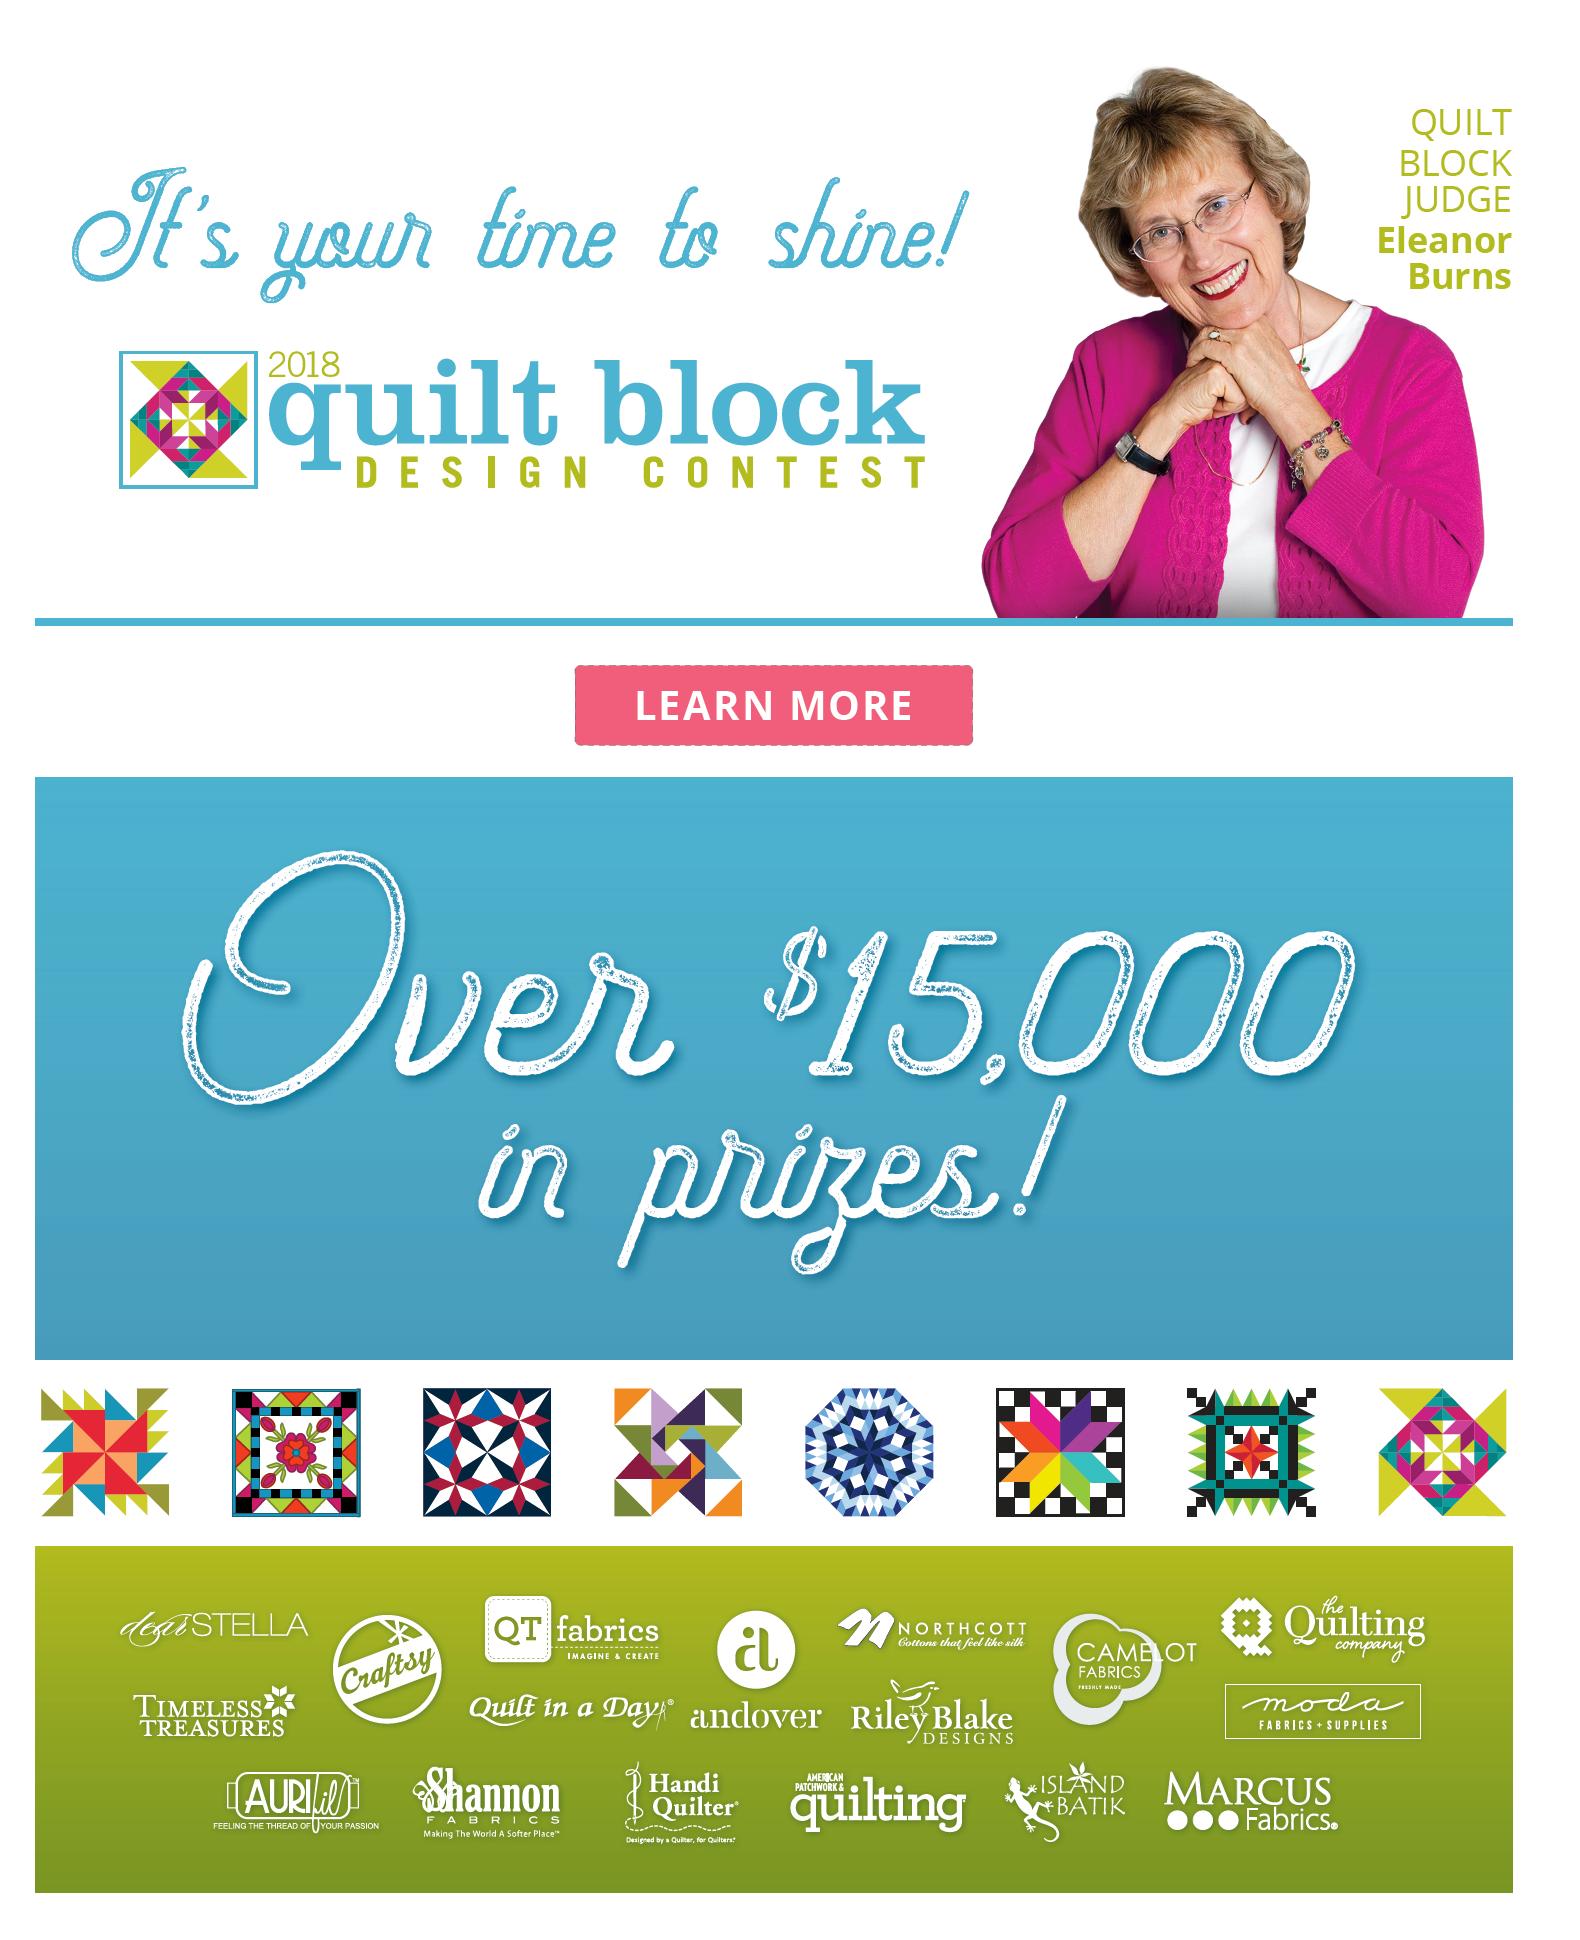 AccuQuilt Quilt Block Design Contest 2018 sponsors